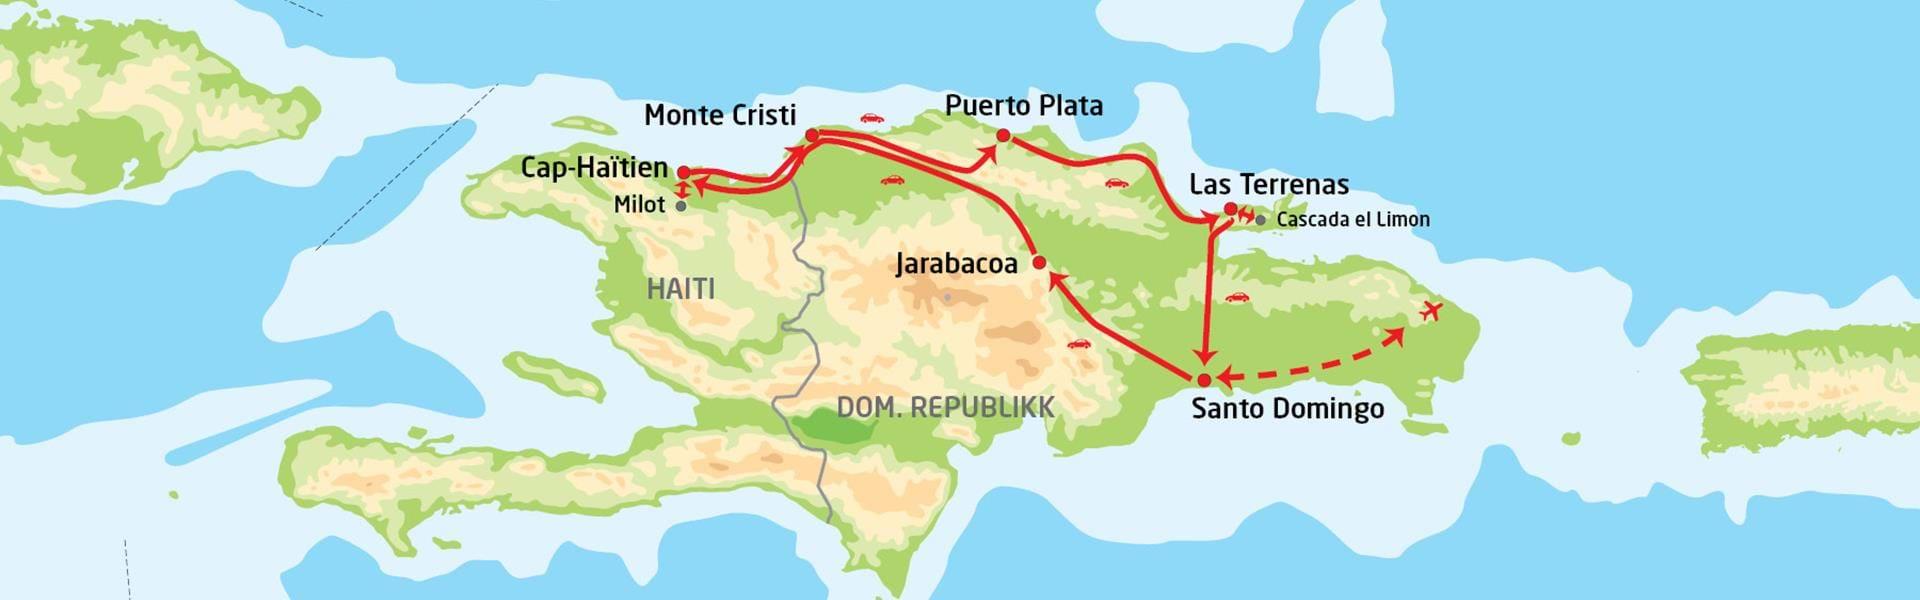 kart den dominikanske republikk Utforsk Den dominikanske republikk & Haiti | med BENNS kart den dominikanske republikk